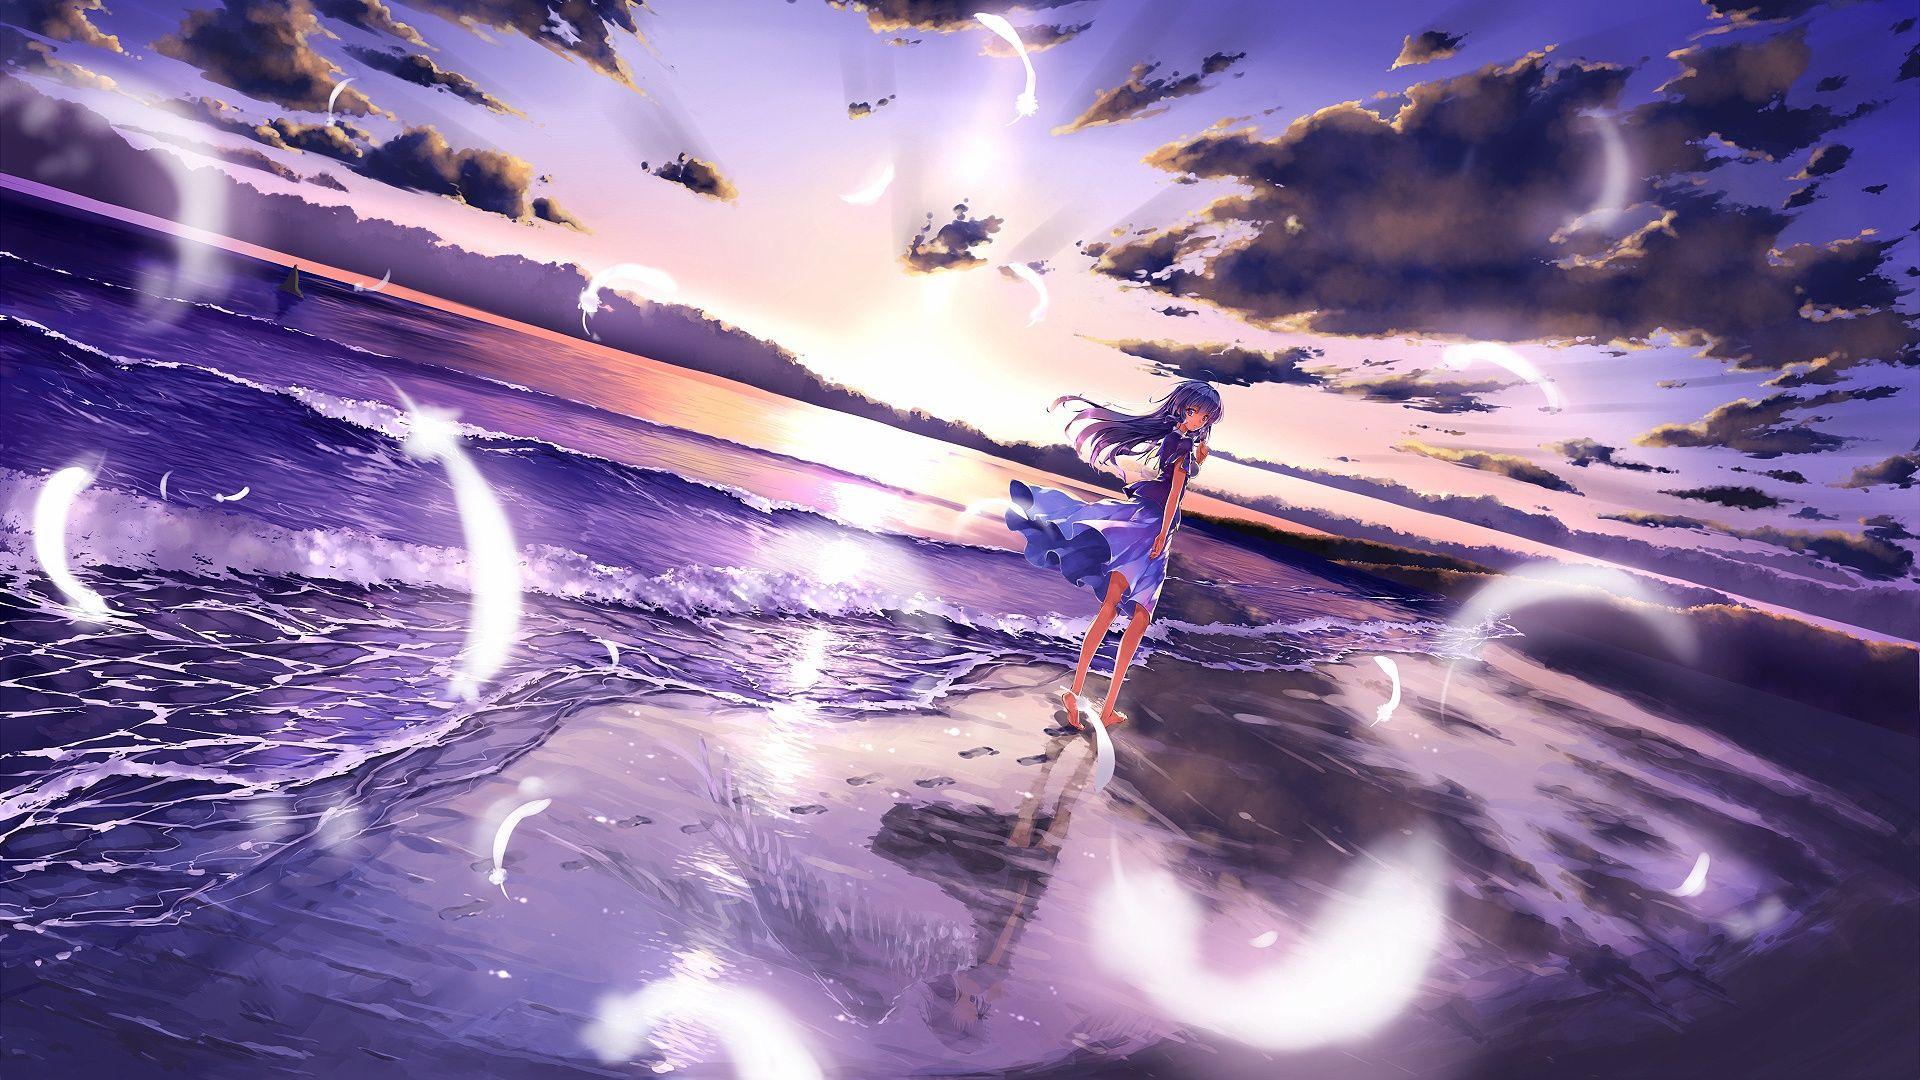 Art beauty 3d Google Search Phong cảnh, Bờ biển, Hình ảnh